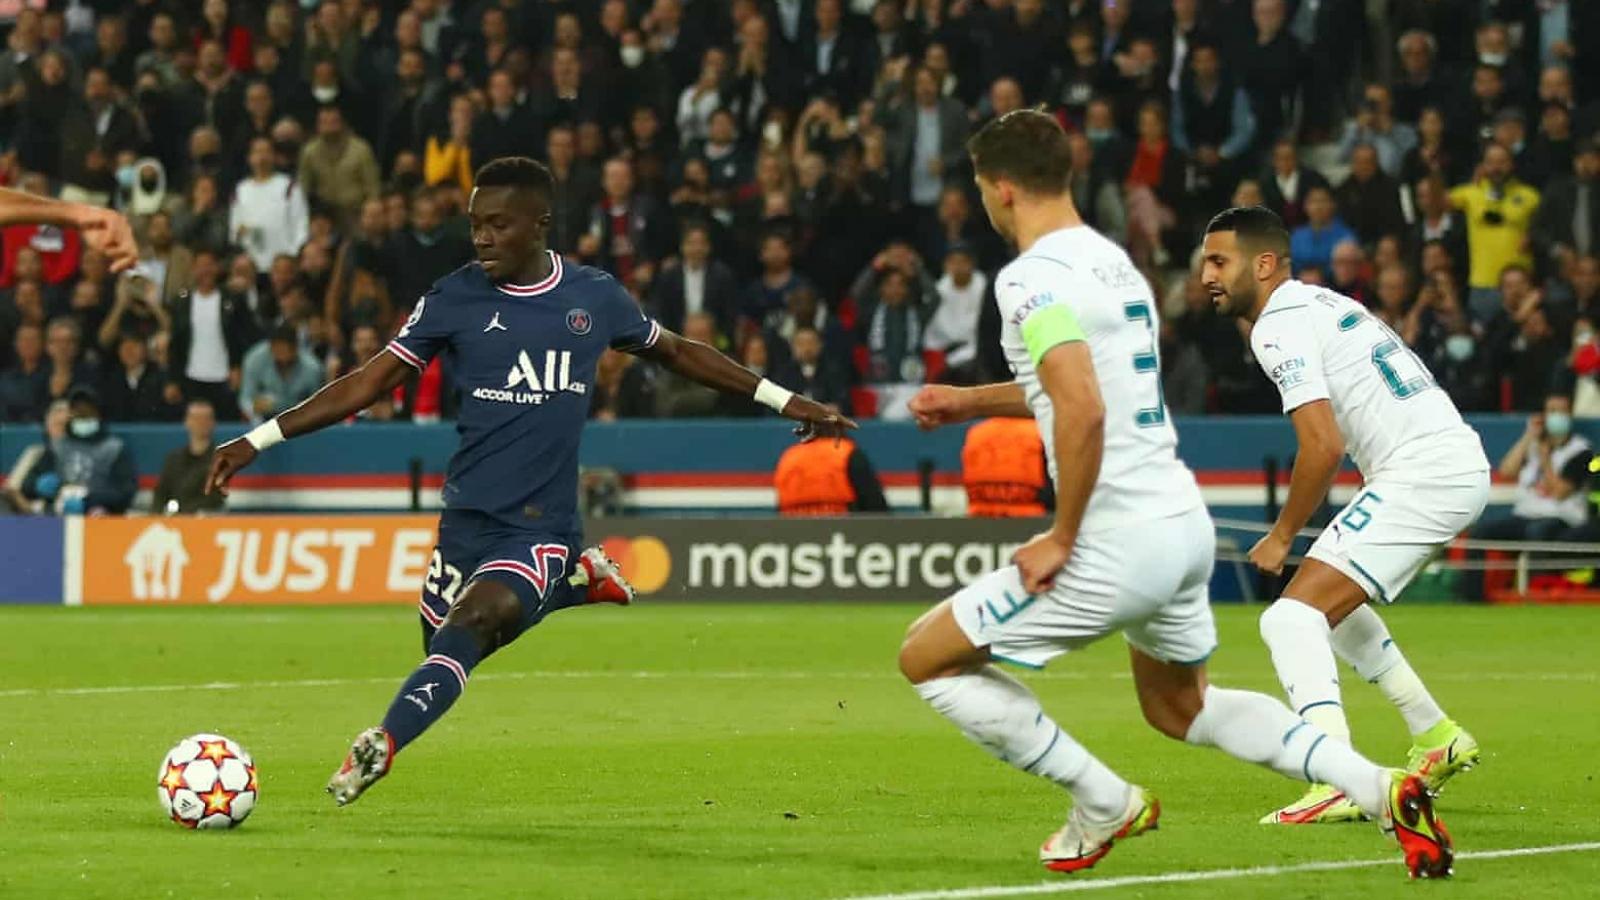 TRỰC TIẾP PSG 1-0 Man City: Gueye sớm ghi bàn mở tỷ số